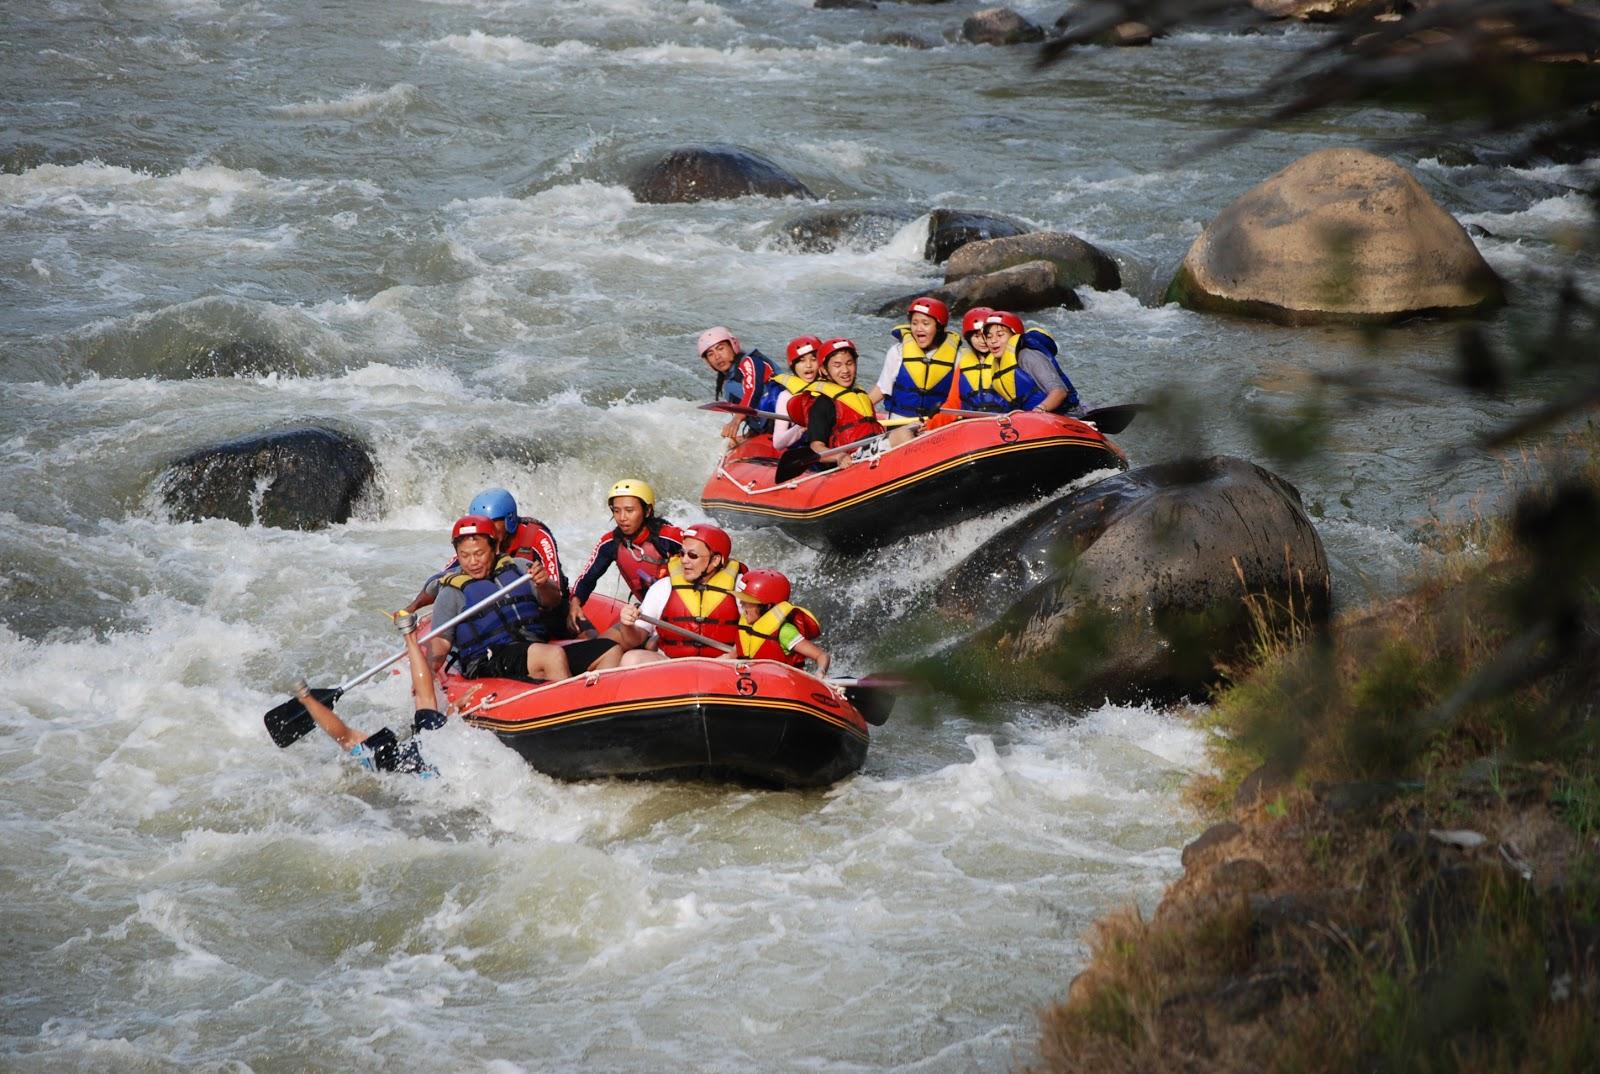 Harga Paket Arung Jeram Sungai Elo Magelang Jogja Rafting River